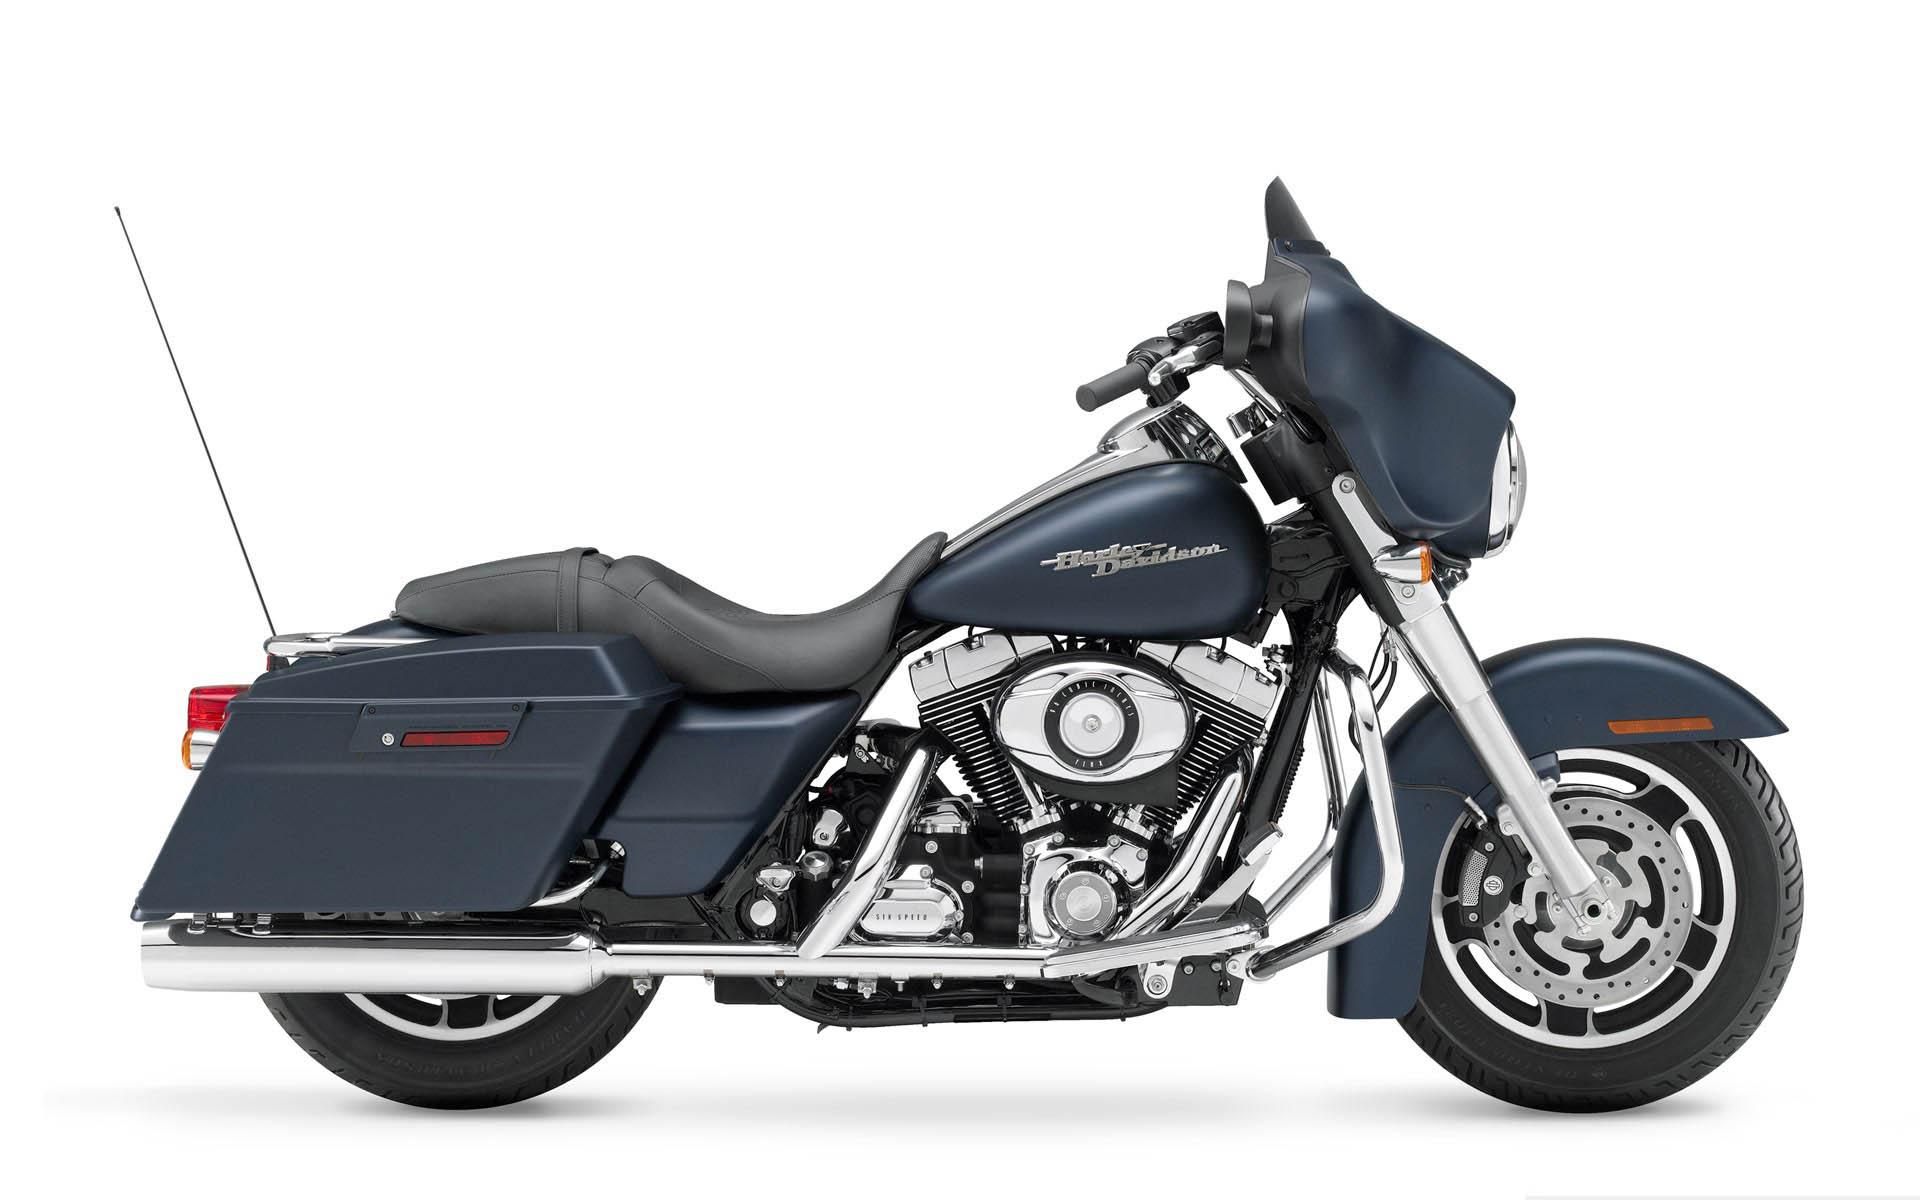 Harley Davidson Electra Glide Image